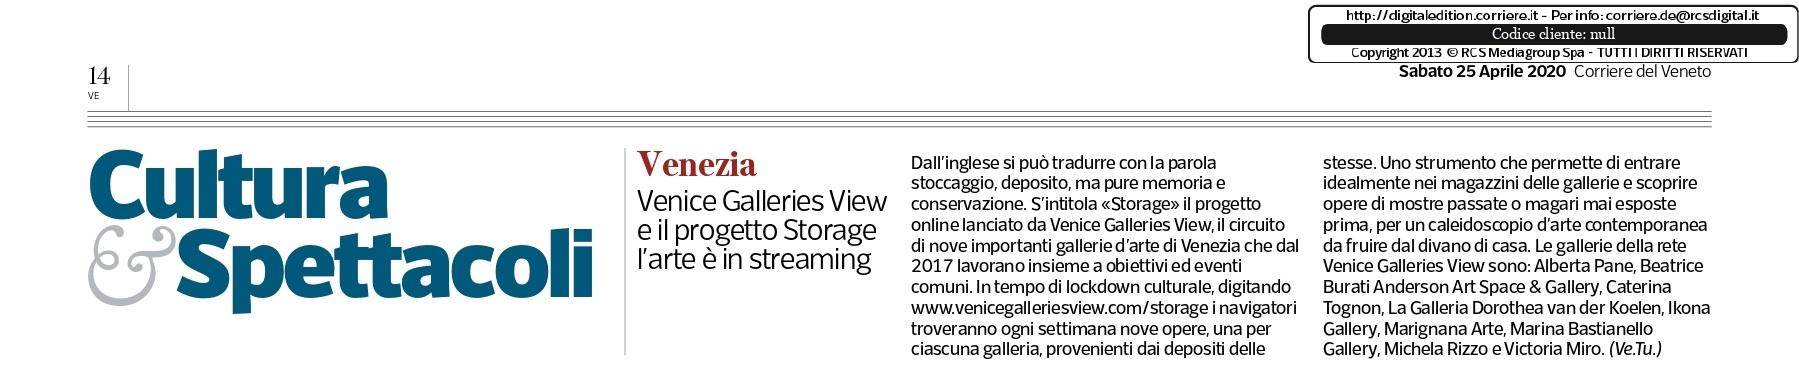 Venice Galleries View e il progetto Storage l'arte è in streaming